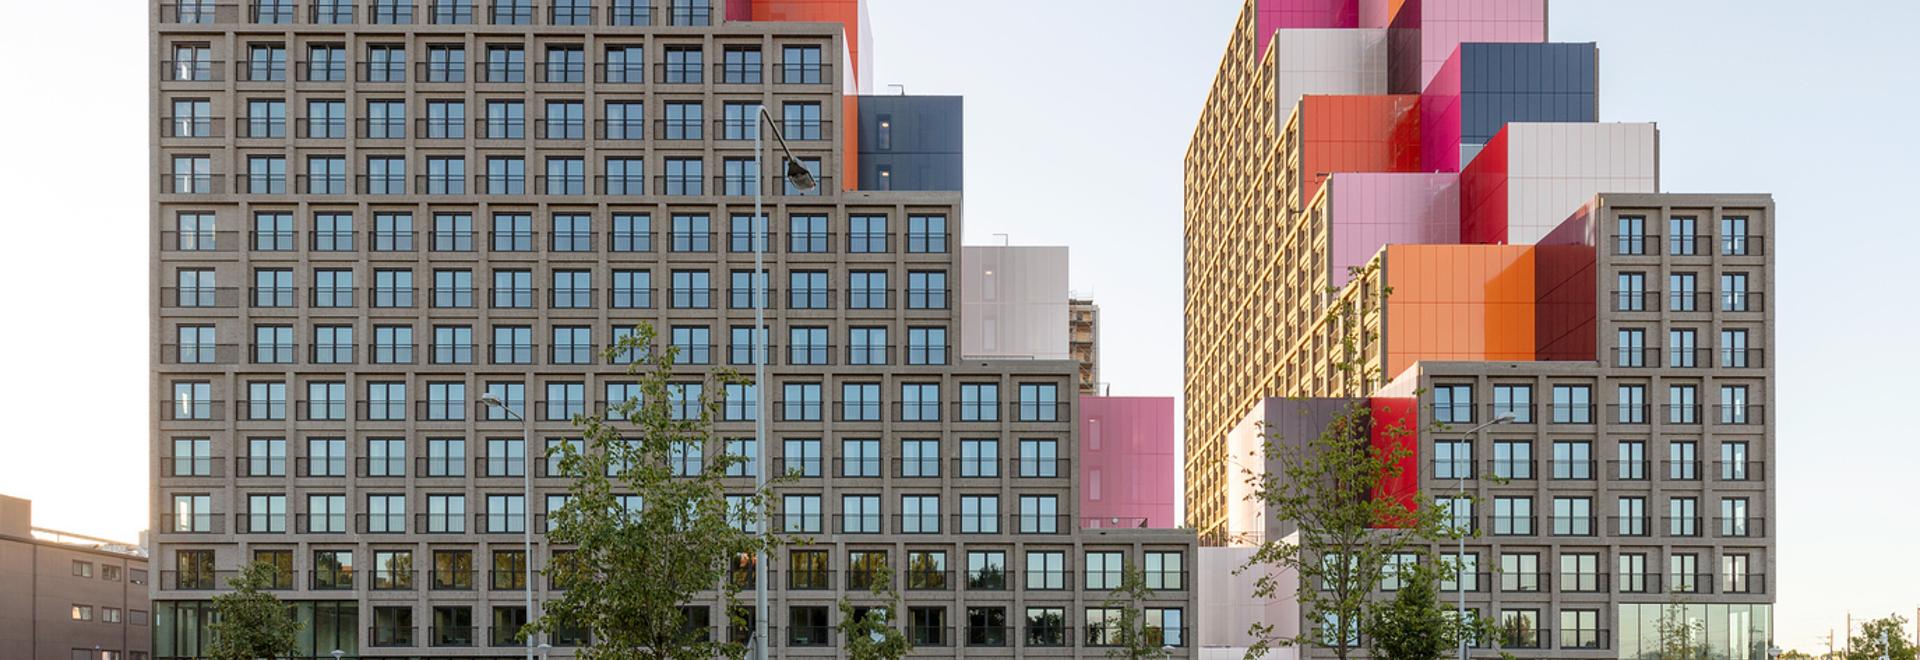 NotreDomaine Logement pour étudiants / OZ Architects